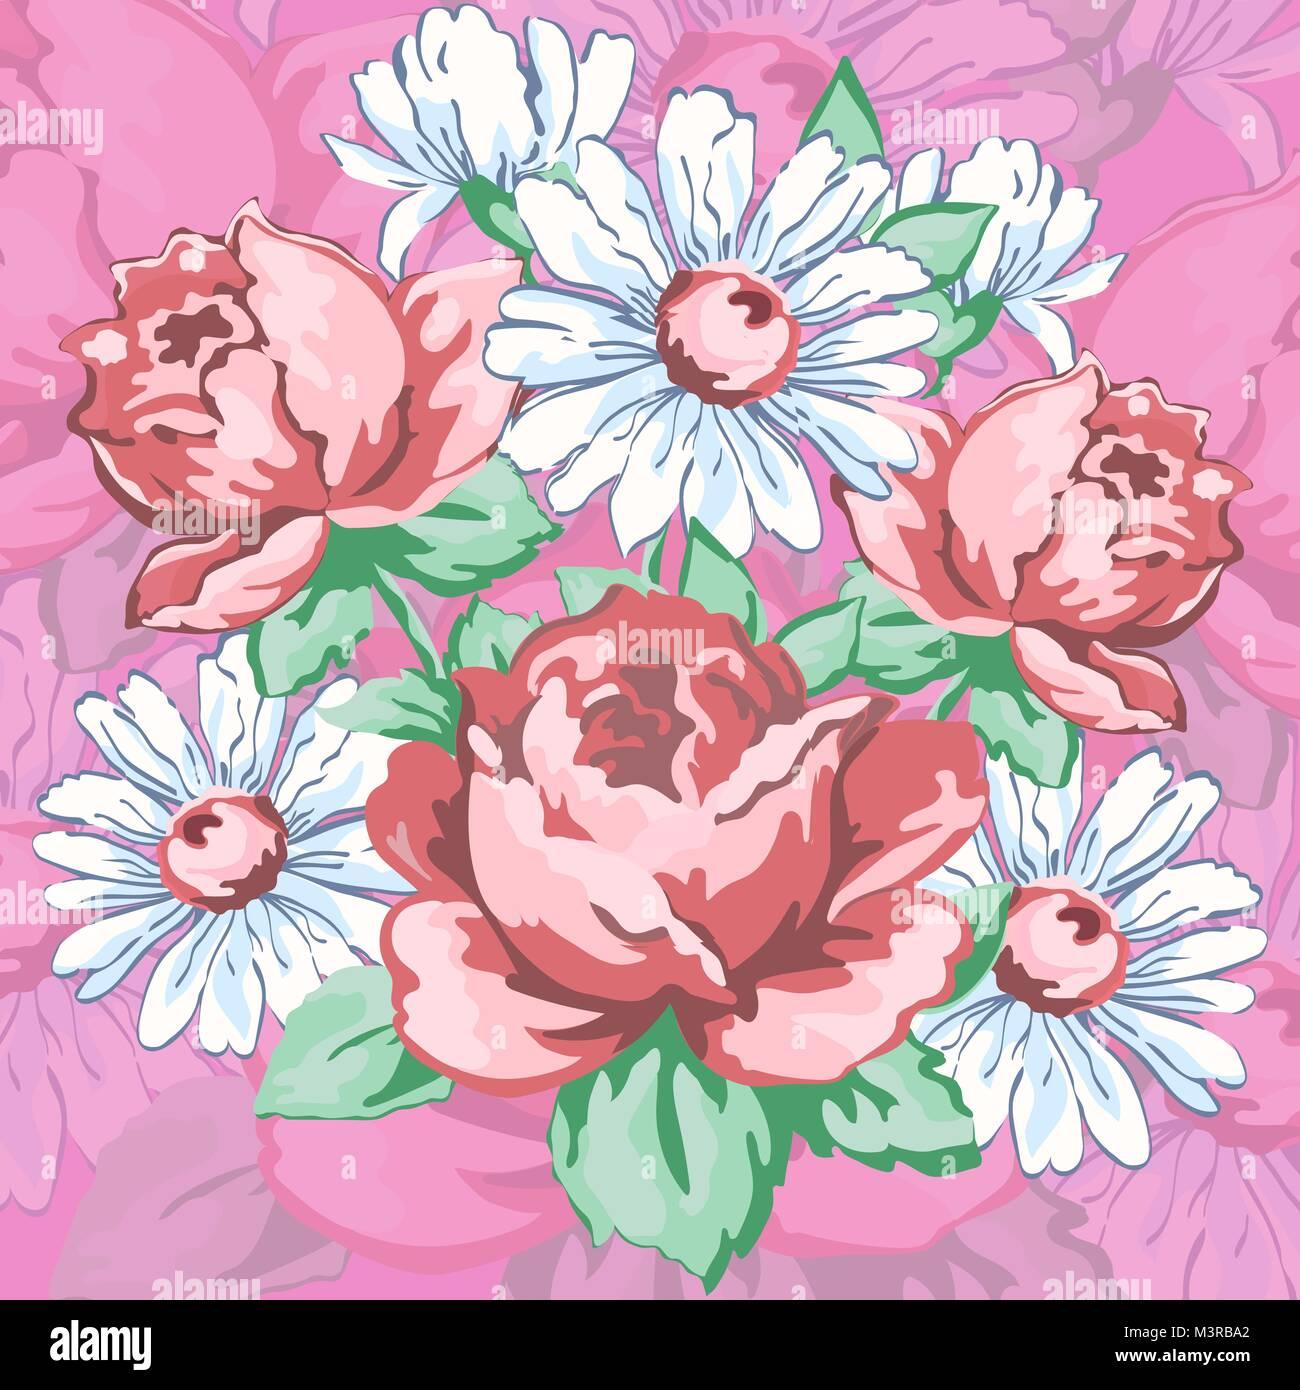 Flores Dibujadas A Mano Bordados Florales Telas De Diseno De